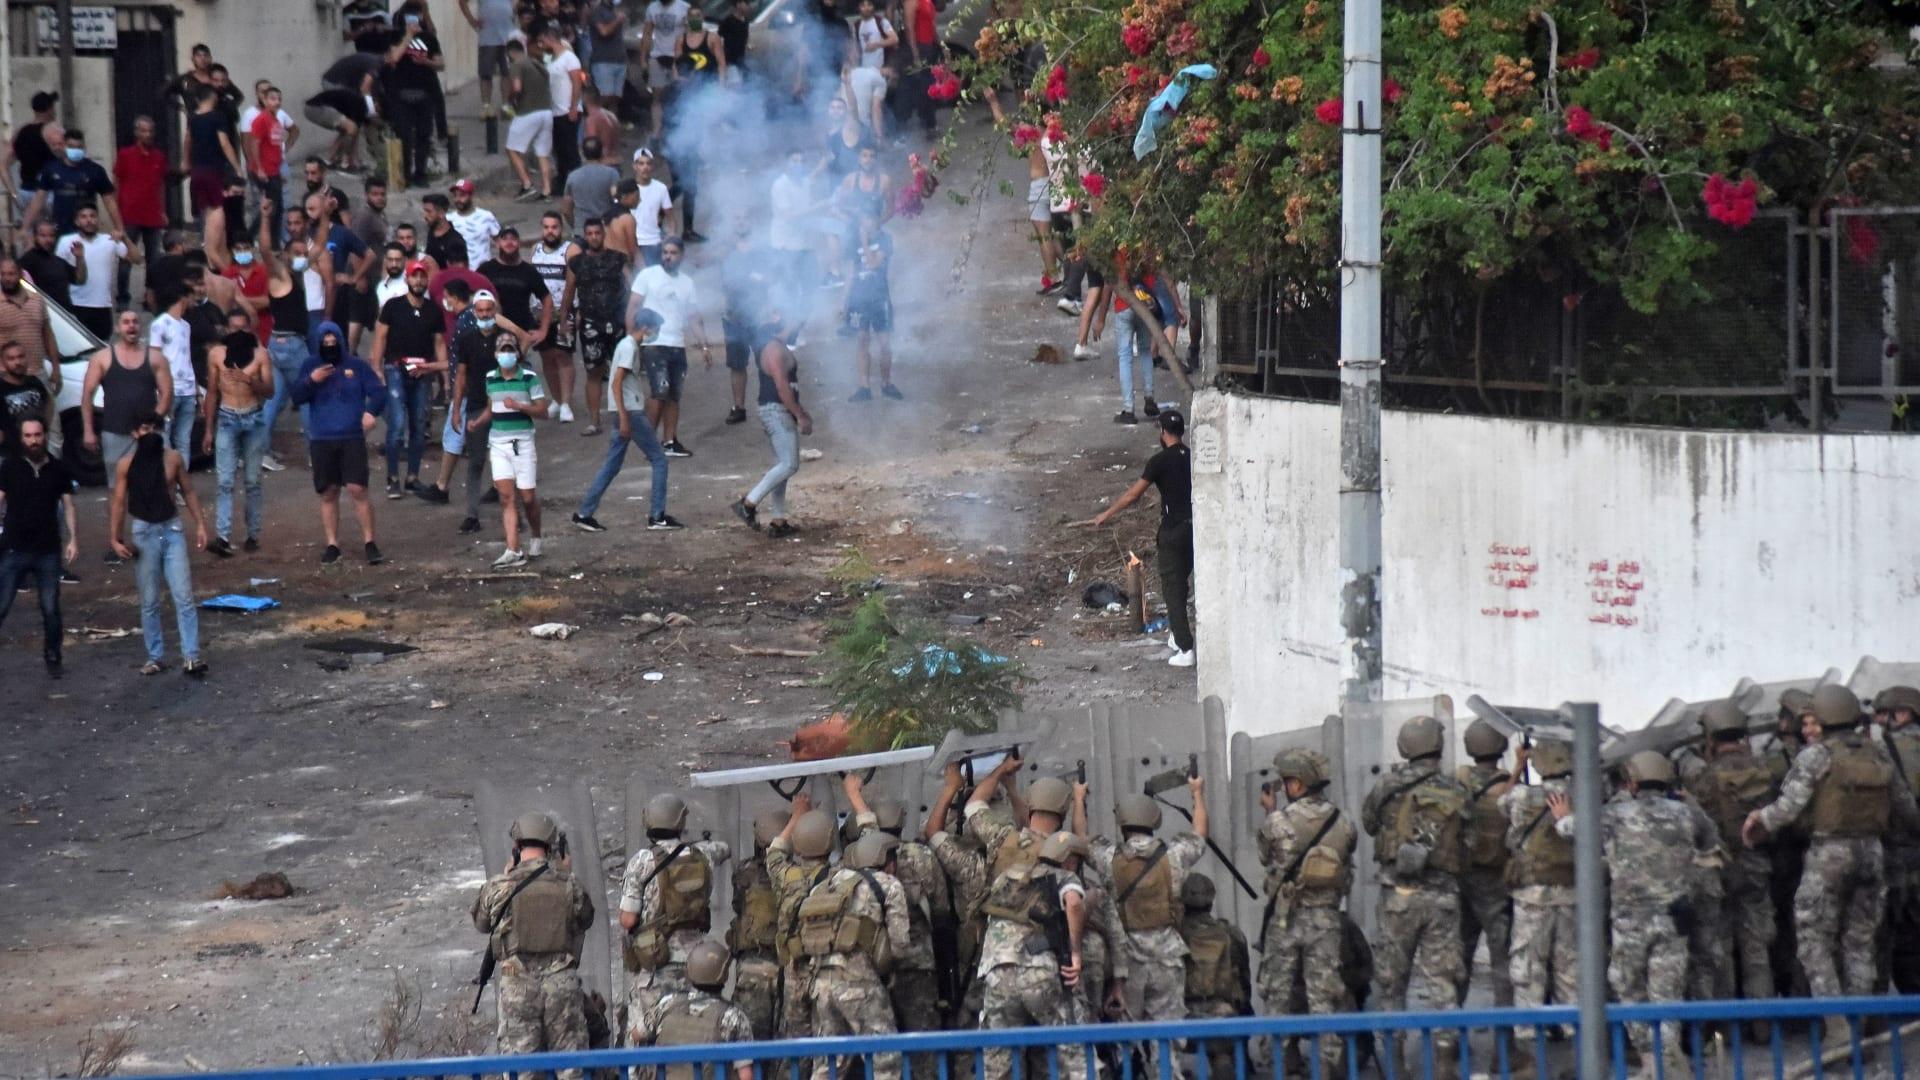 العاصمة بيروت في 15 يوليو / تموز 2021 - جنود لبنانيون يطلقون الرصاص المطاطي وسط اشتباكات مع أنصار رئيس الوزراء اللبناني المكلف سعد الحريري بعد اعتذاره عن تشكيل حكومة